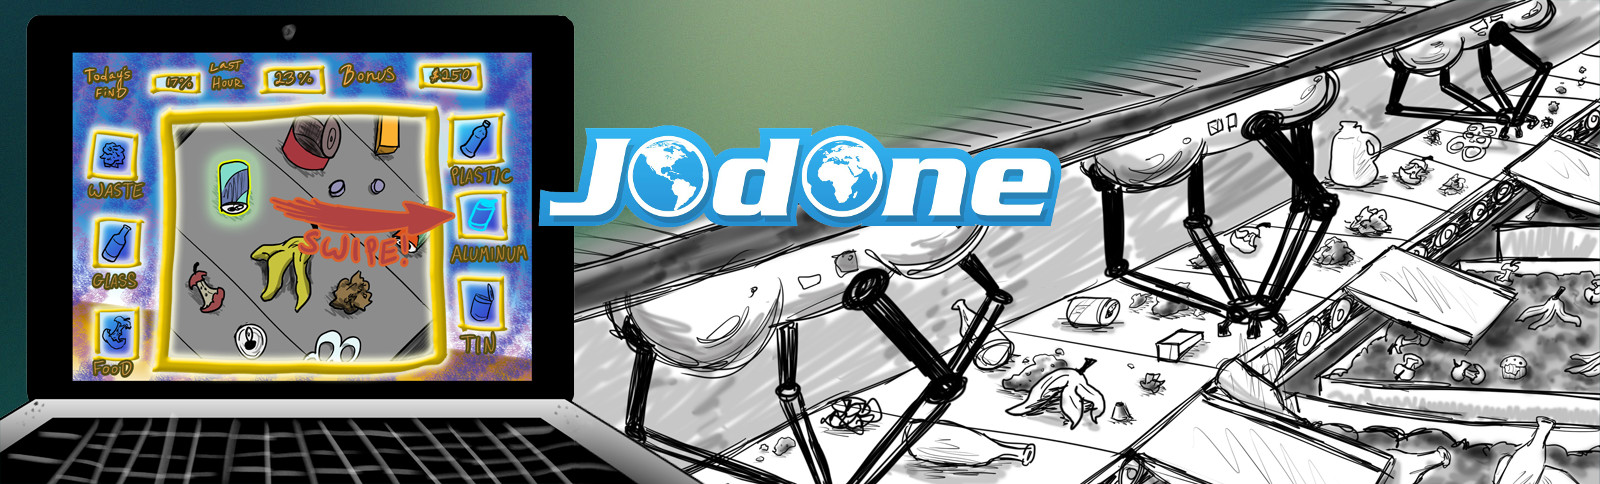 jodone